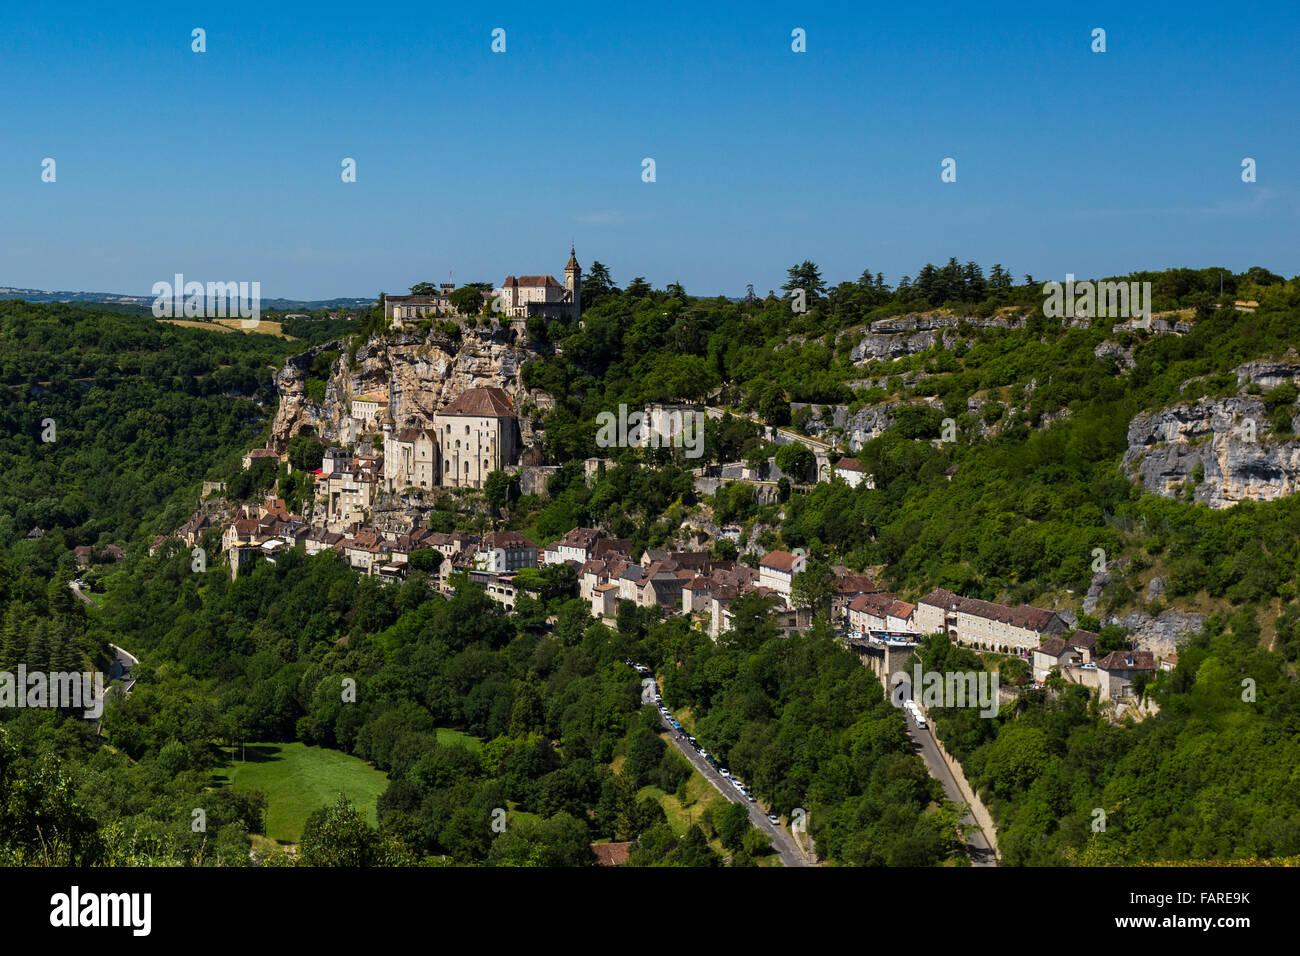 Architecte Paysagiste Midi Pyrénées rocamadour, gramat, gourdon, lot, midi-pyrénées, france